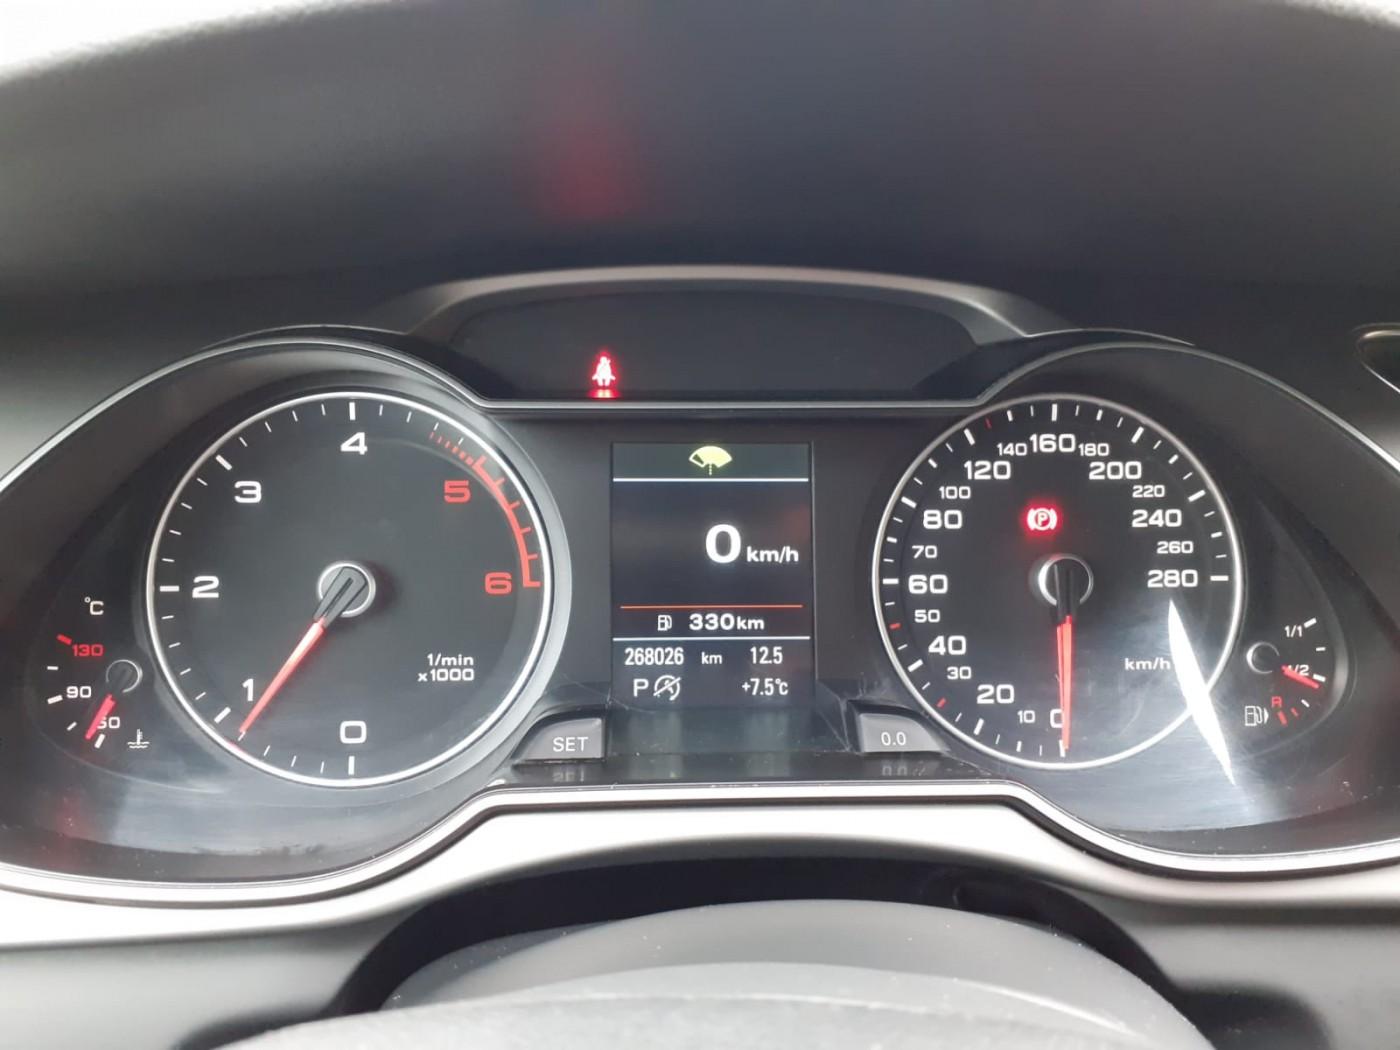 Audi A4  150 CP   - 12990 €,   268026 km,  anul 2015,  culoare negru